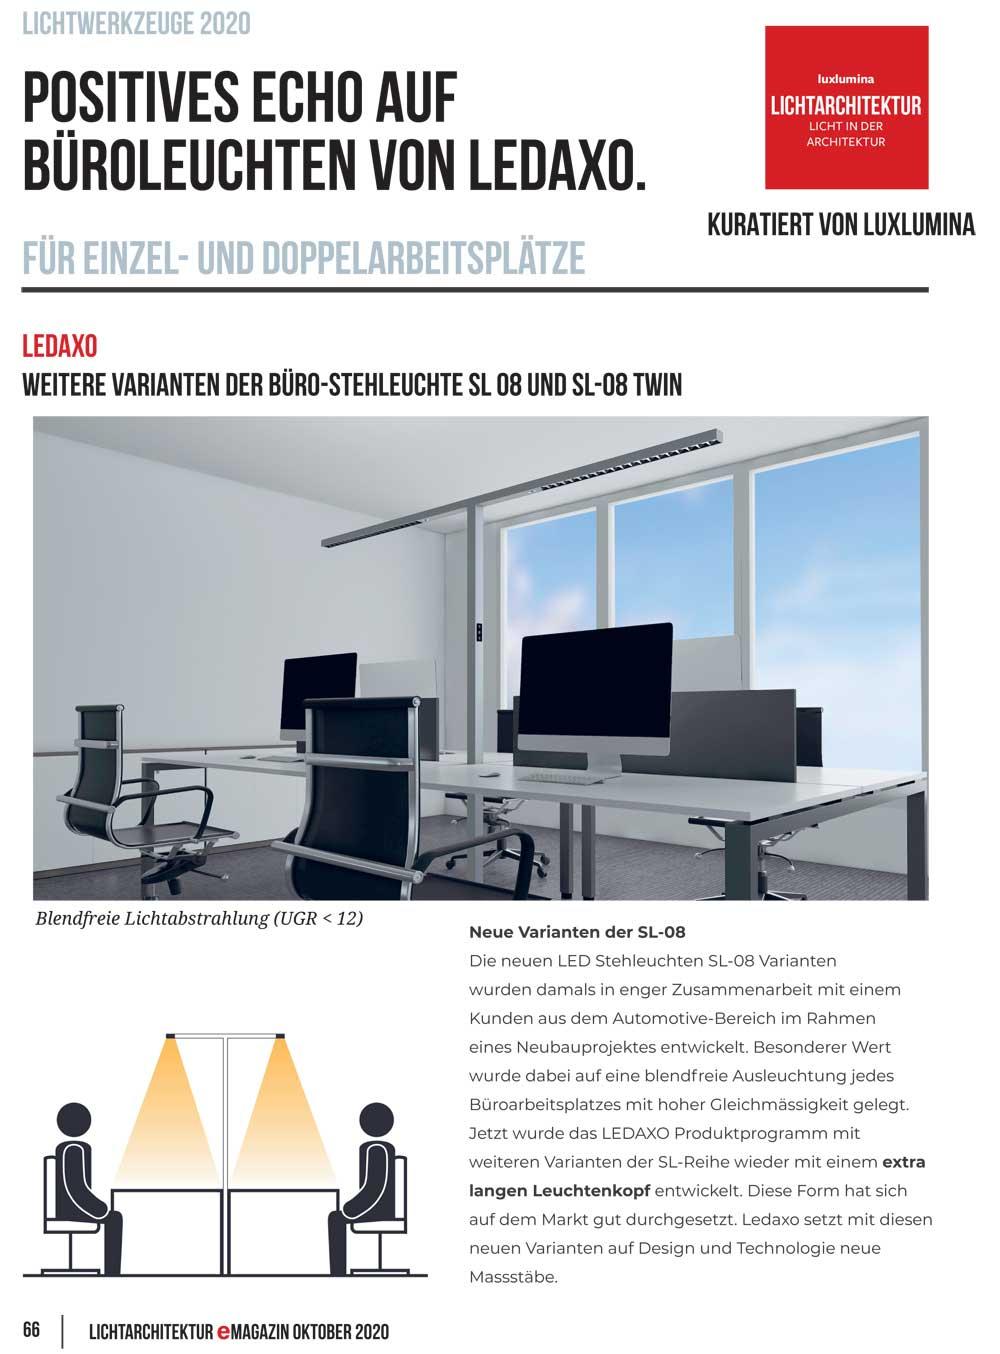 Presseveröffentlichung Luxlumina Lichtarchitektur eMagazin Oktober 2020